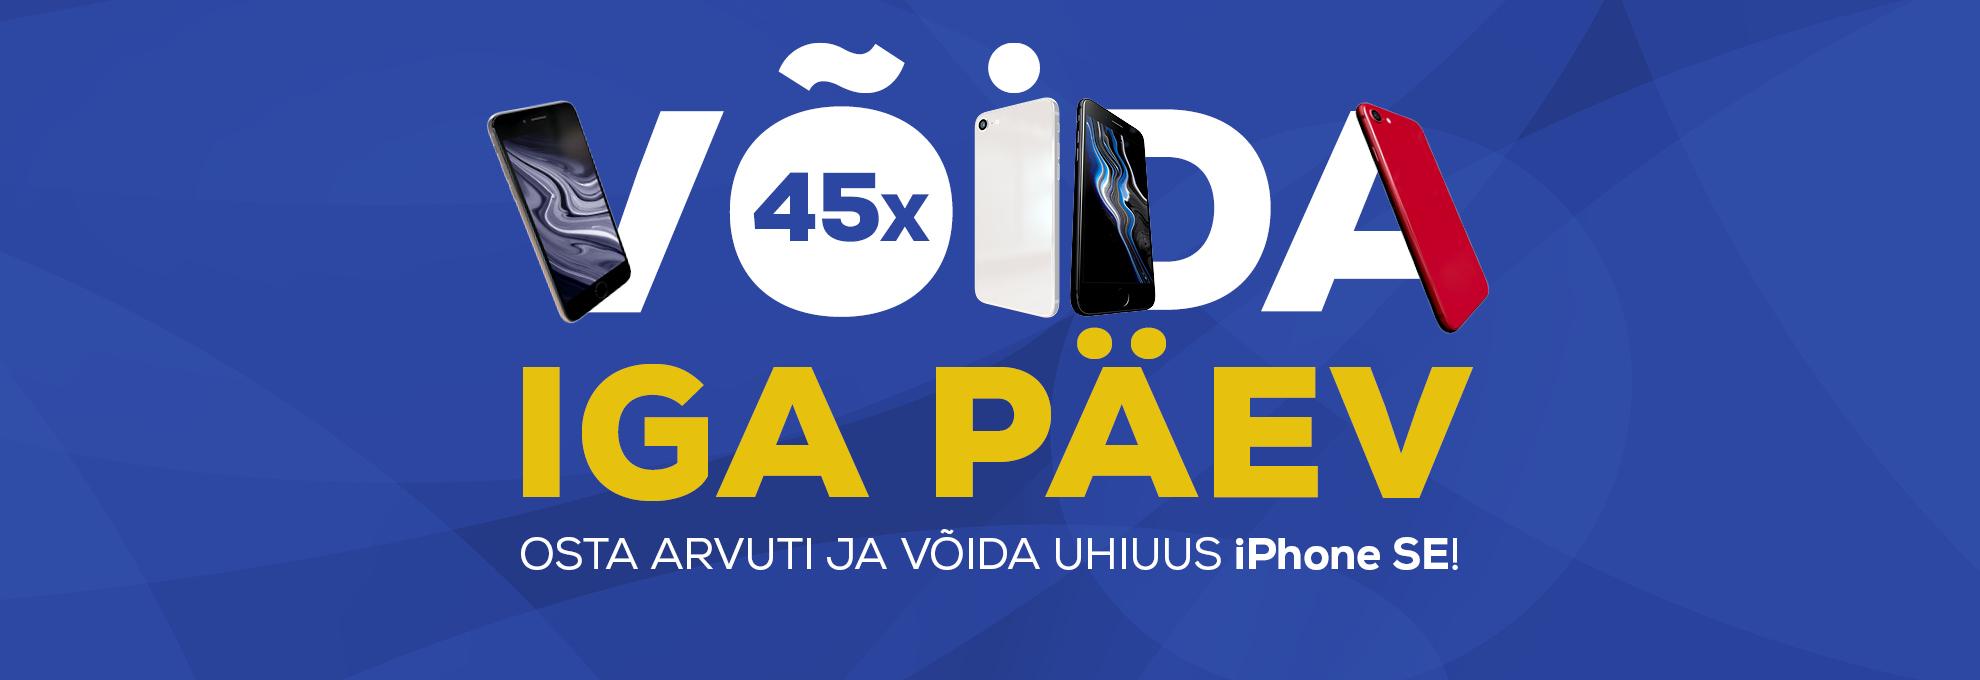 Osta arvuti ja võida uhiuus iPhone SE